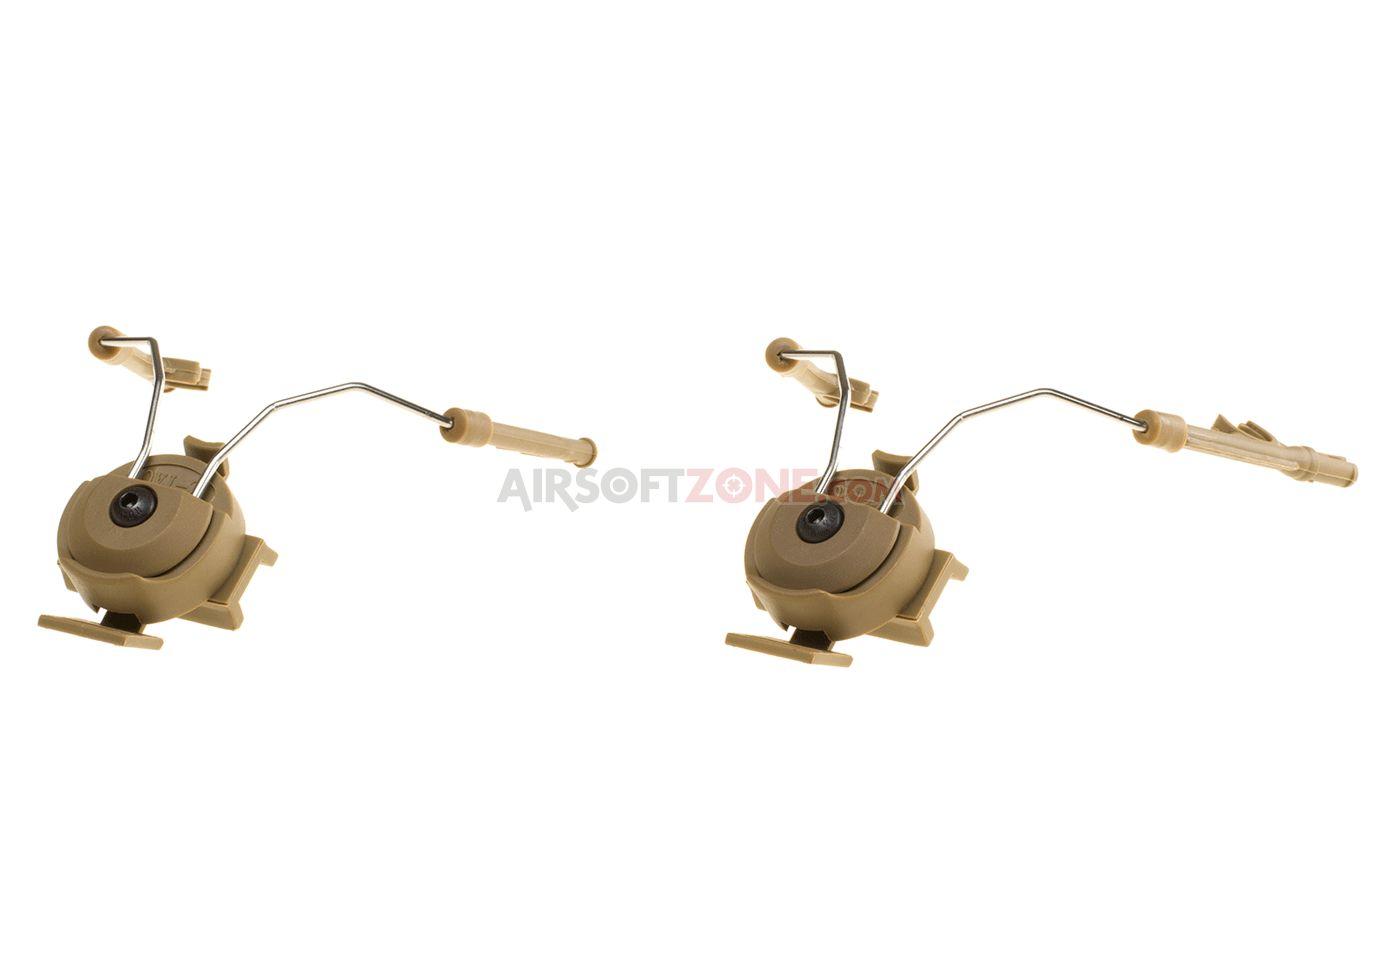 Attacco cuffie comtac I / II per elmetti fast pj helmet rail adapter set CB